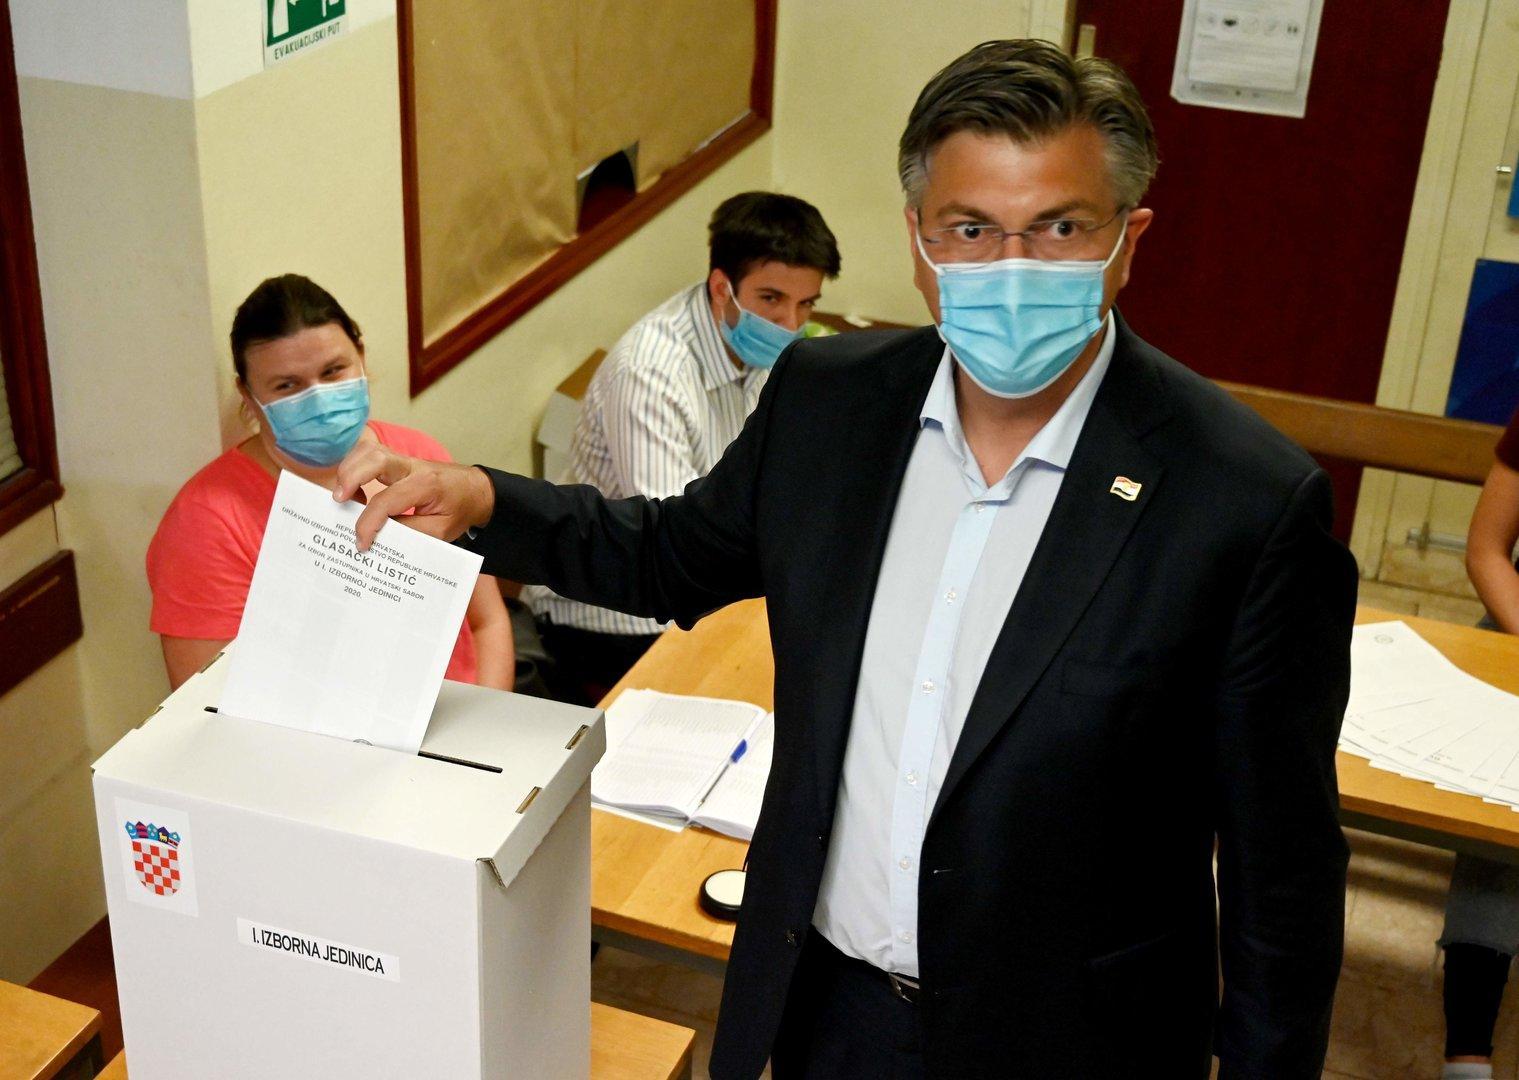 Wahl in Kroatien: Der Corona-Bonus hat tatsächlich gewirkt